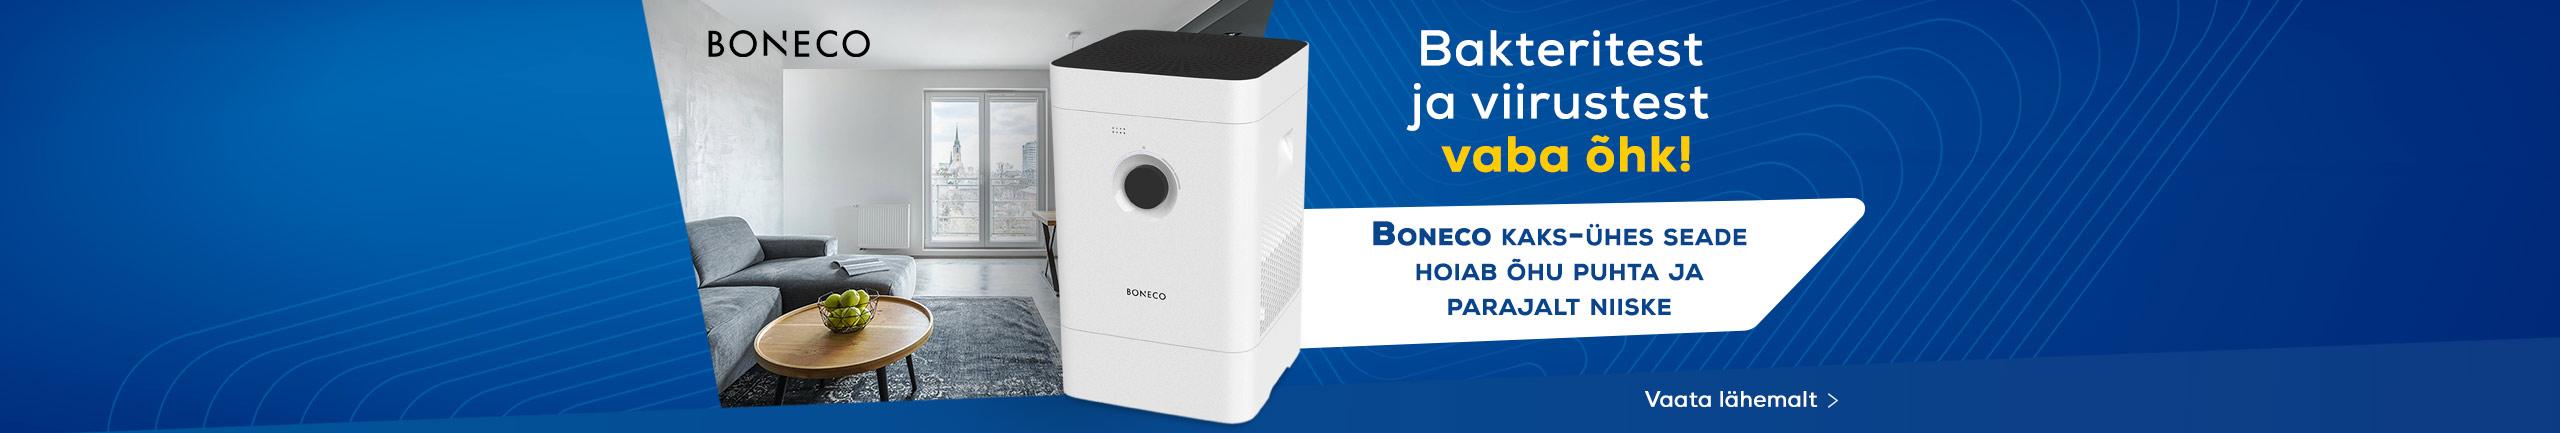 Boneco kaks-ühes seade hoiab õhu puhta ja parajalt niiske